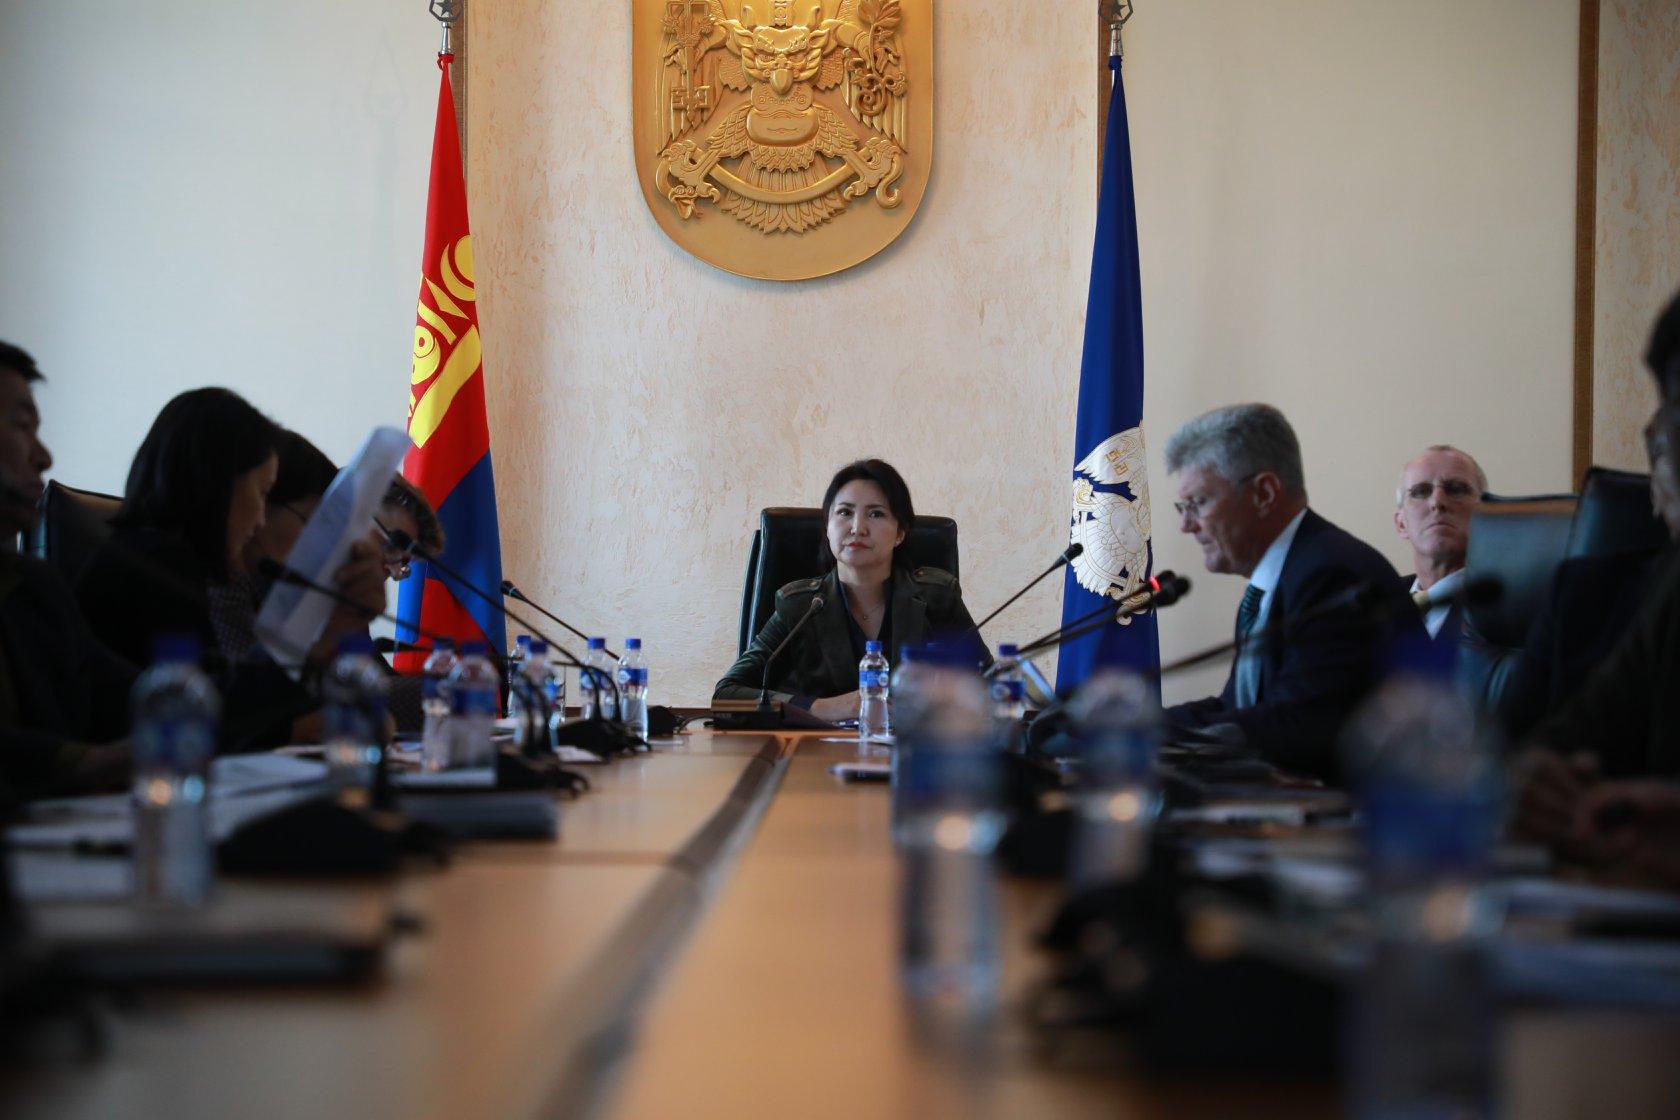 """""""Монгол Улс дахь барилга байгууламжийн эрчим хүчний үр ашиг"""" төслийг хангалттай, сайн гэж үнэллээ"""